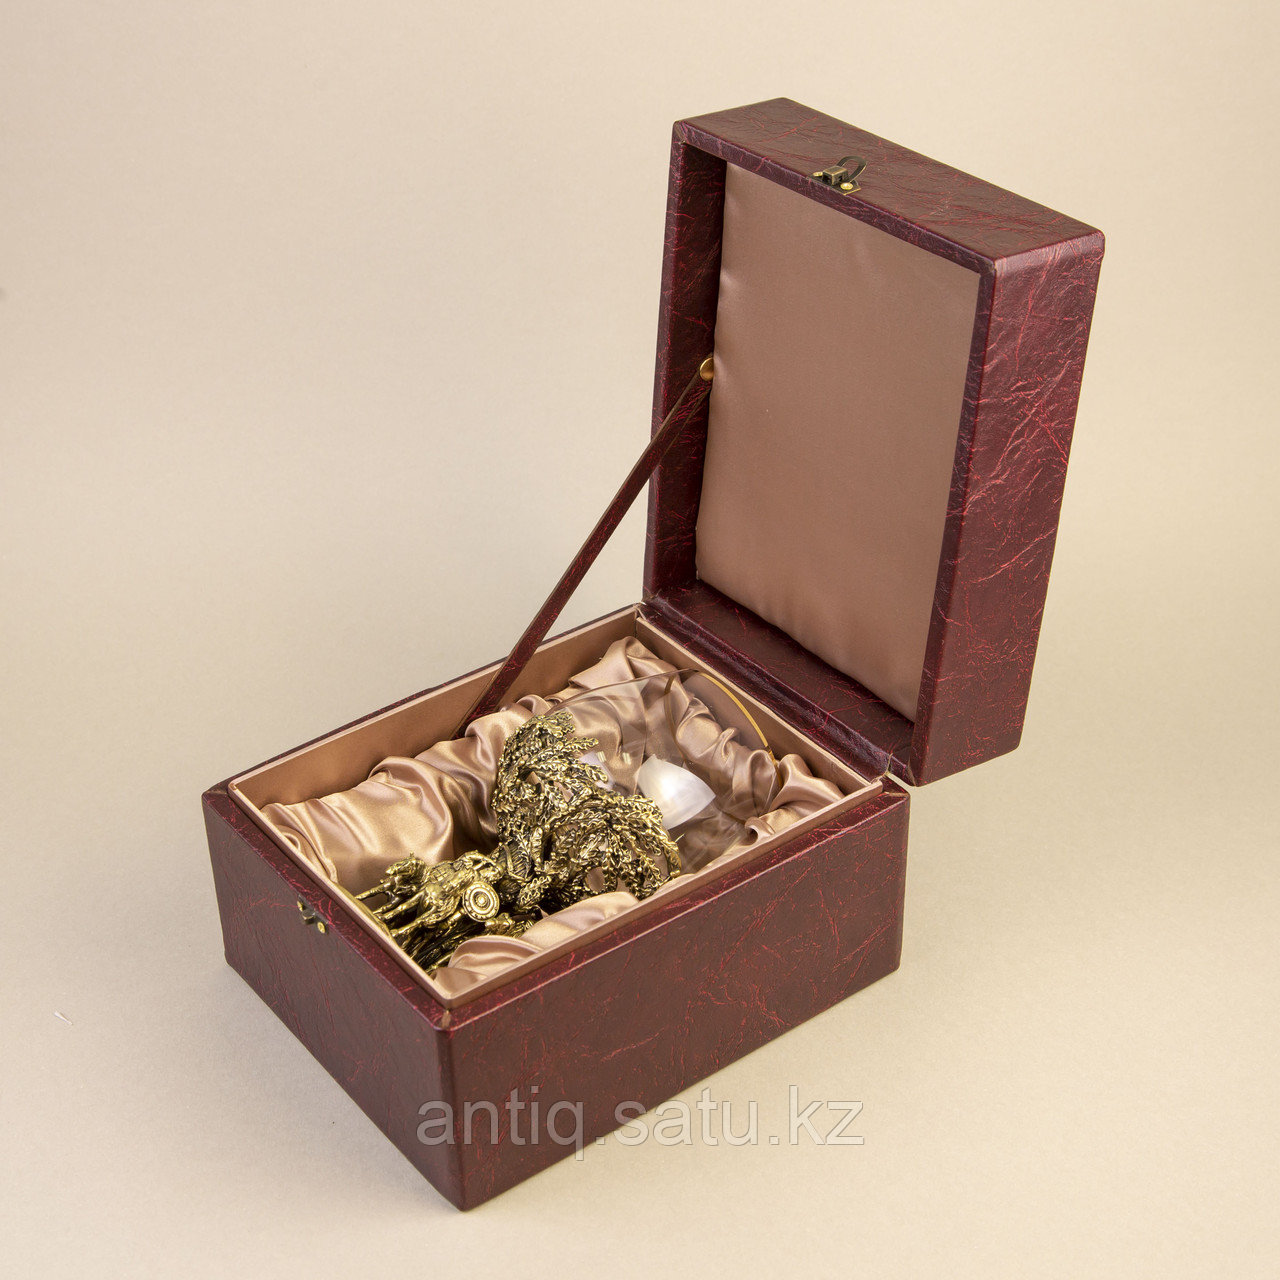 Три БОГАТЫРЯ. Подарочный кубок из массивной бронзы и стекла. - фото 5